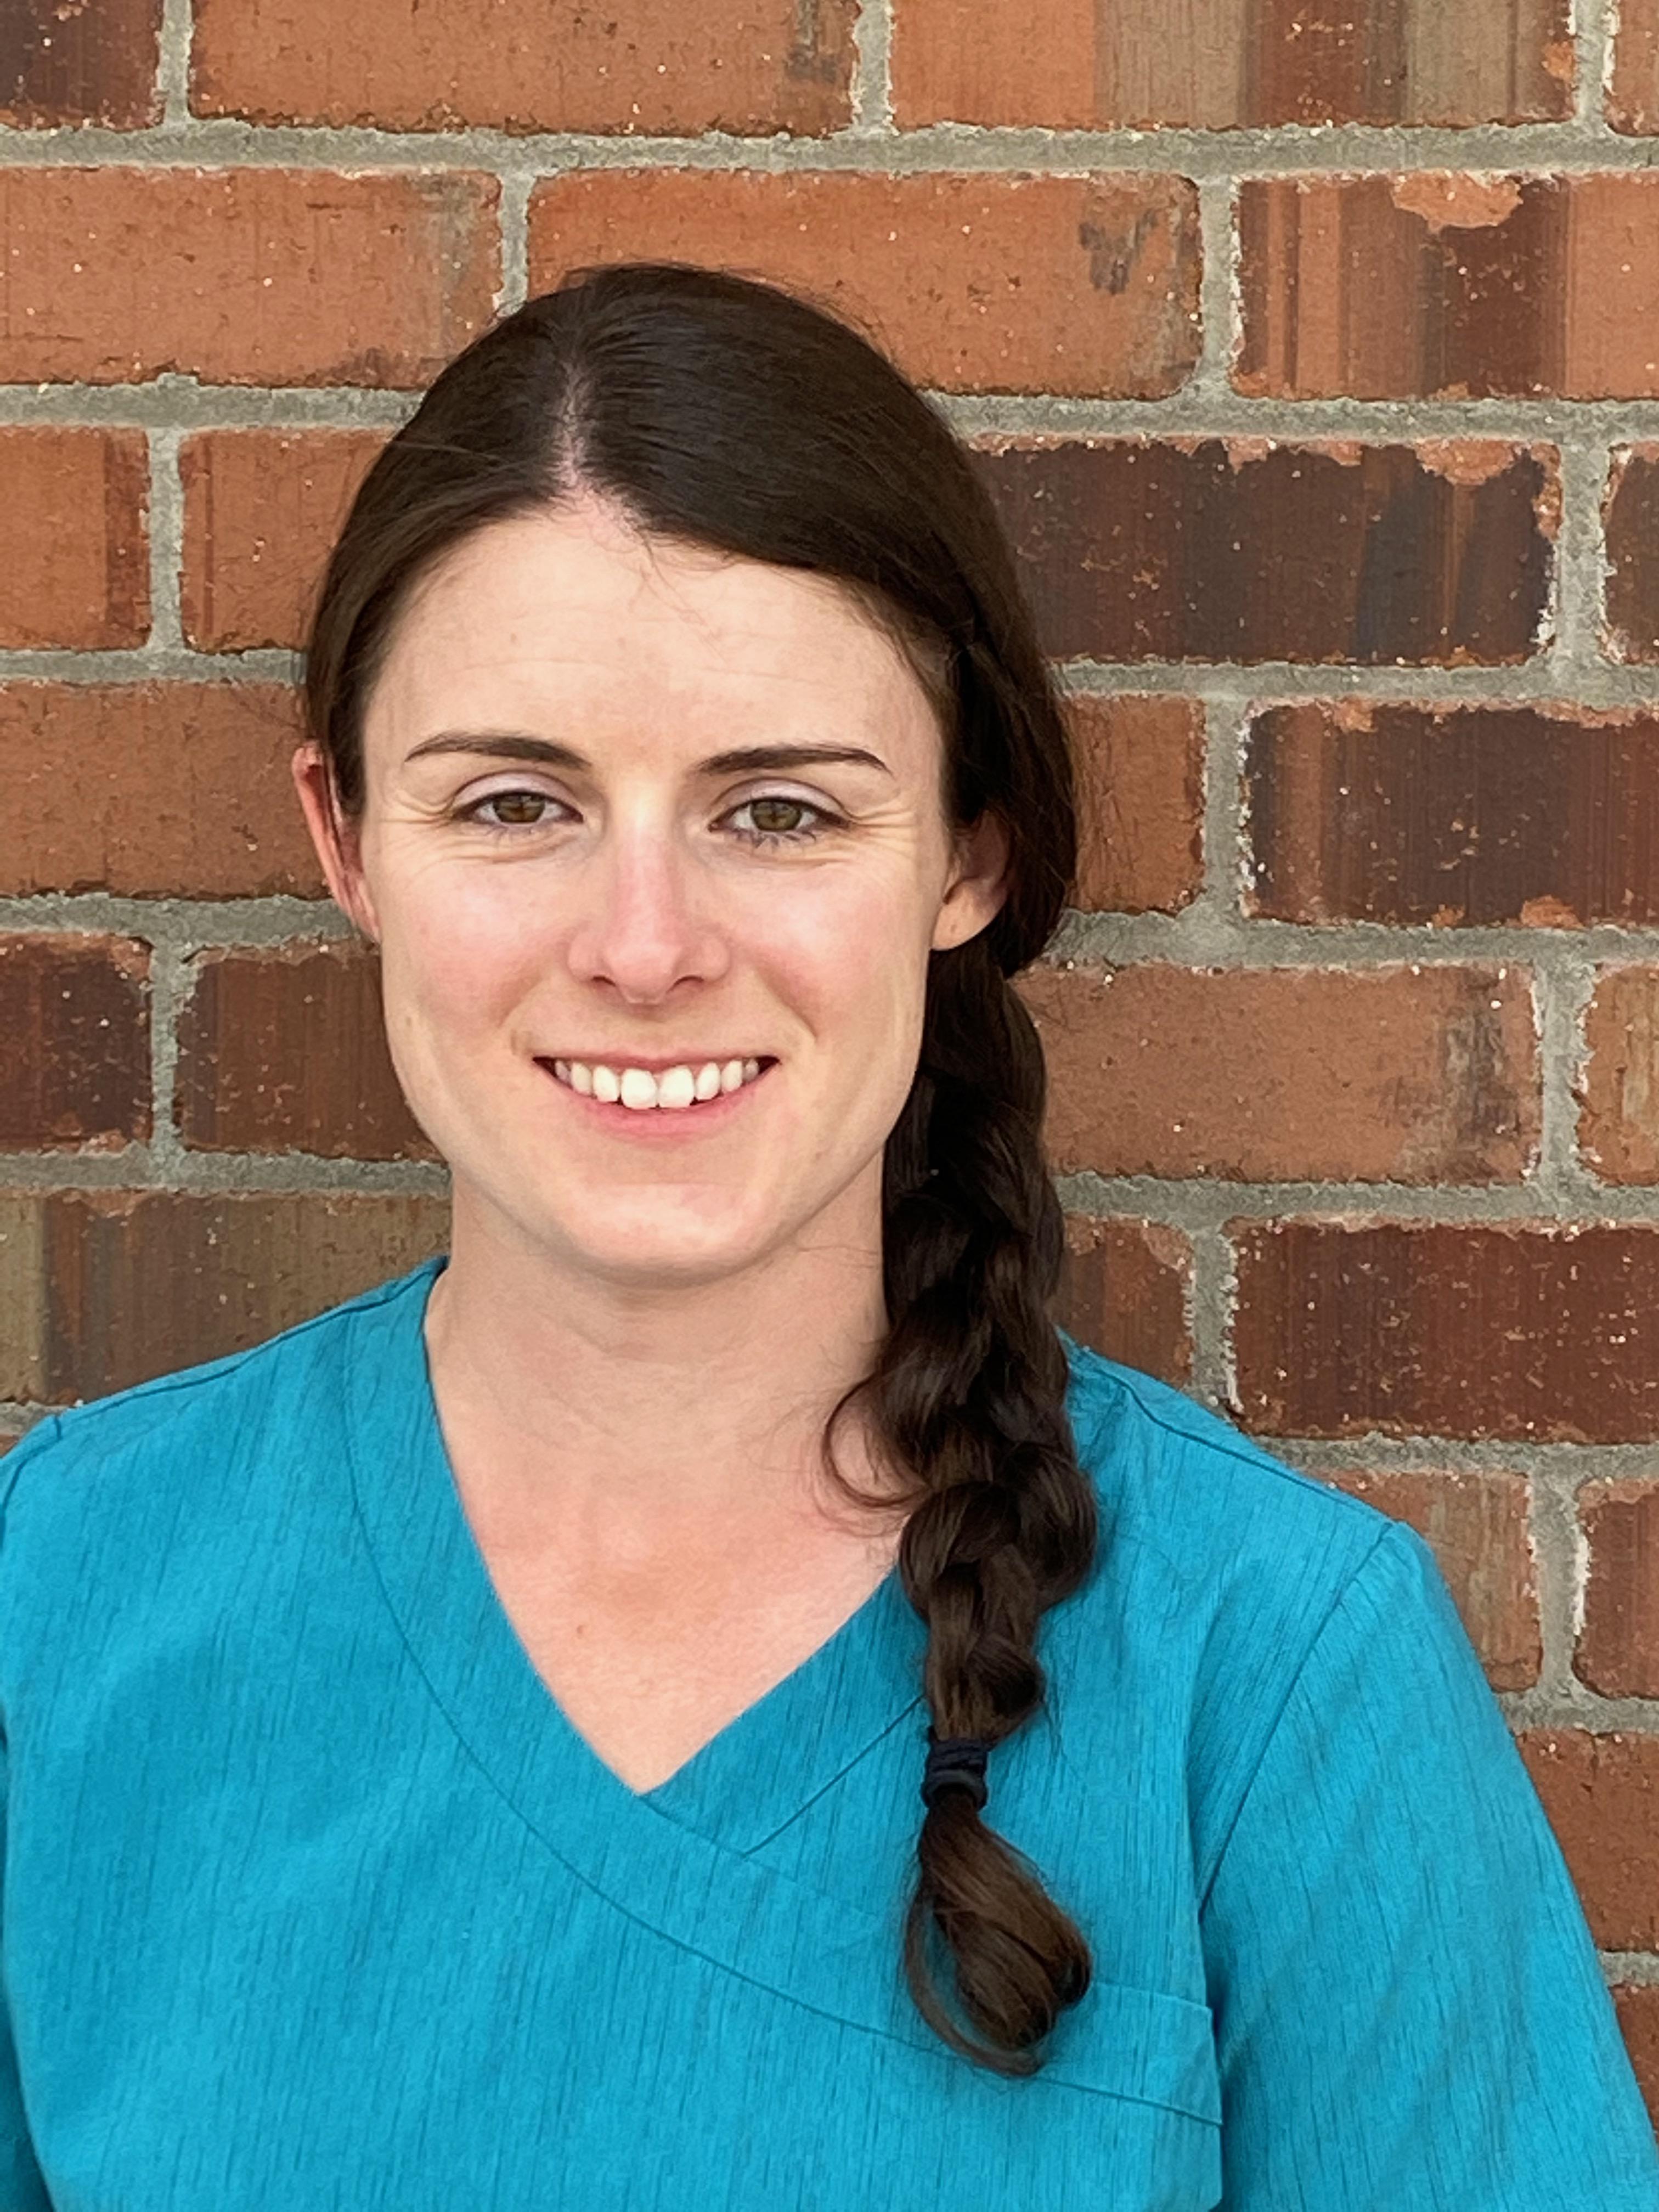 Kelly - Registered Veterinary Technician